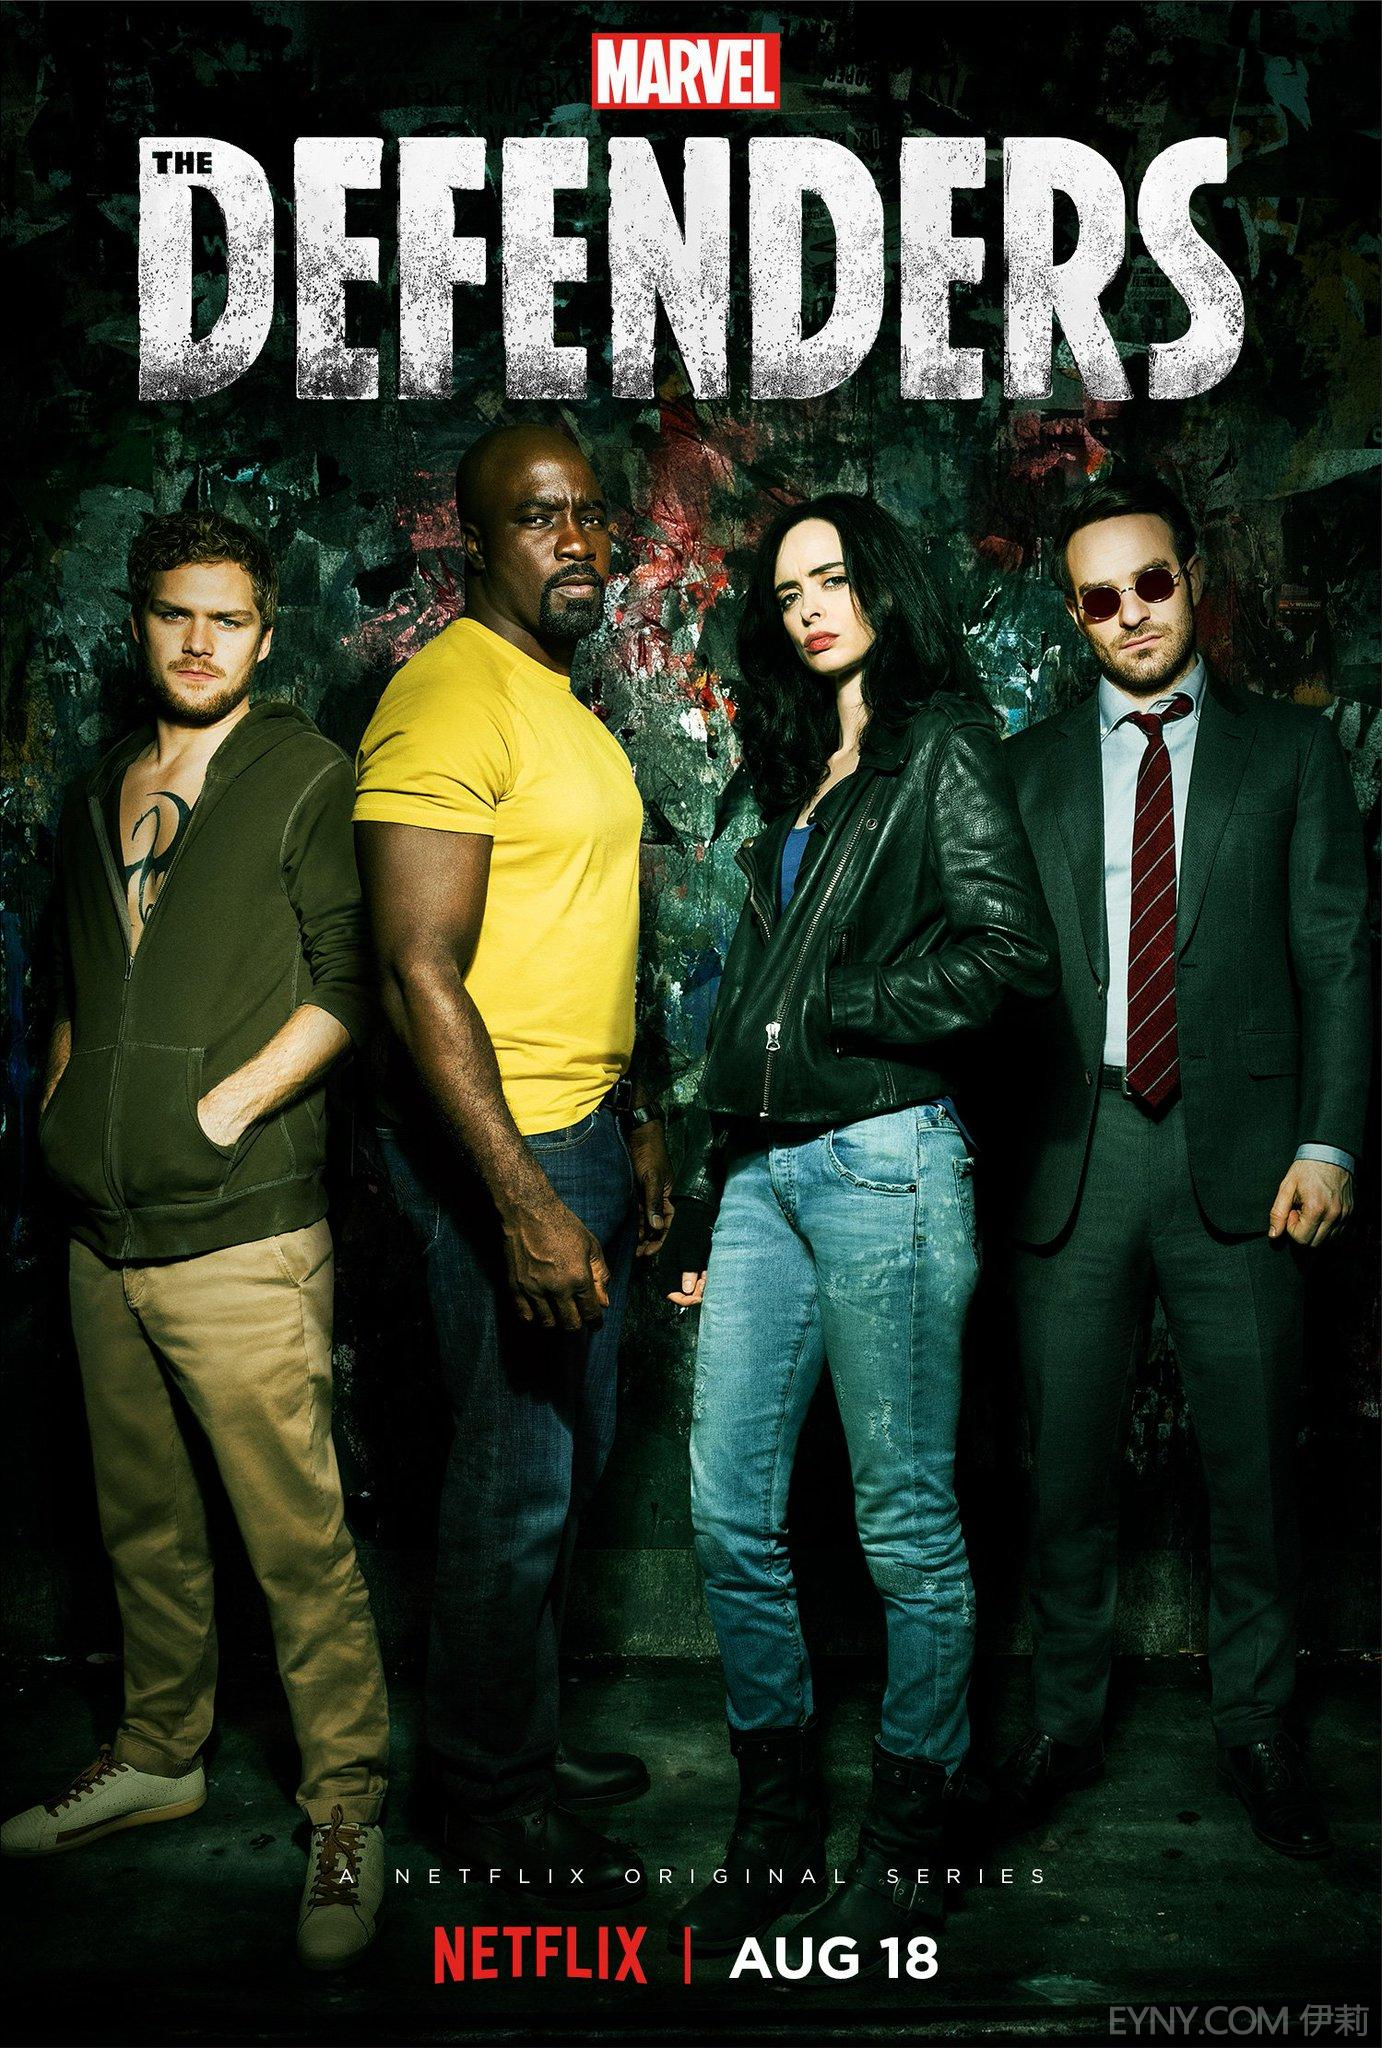 捍衛者聯盟 捍衛者 The Defenders